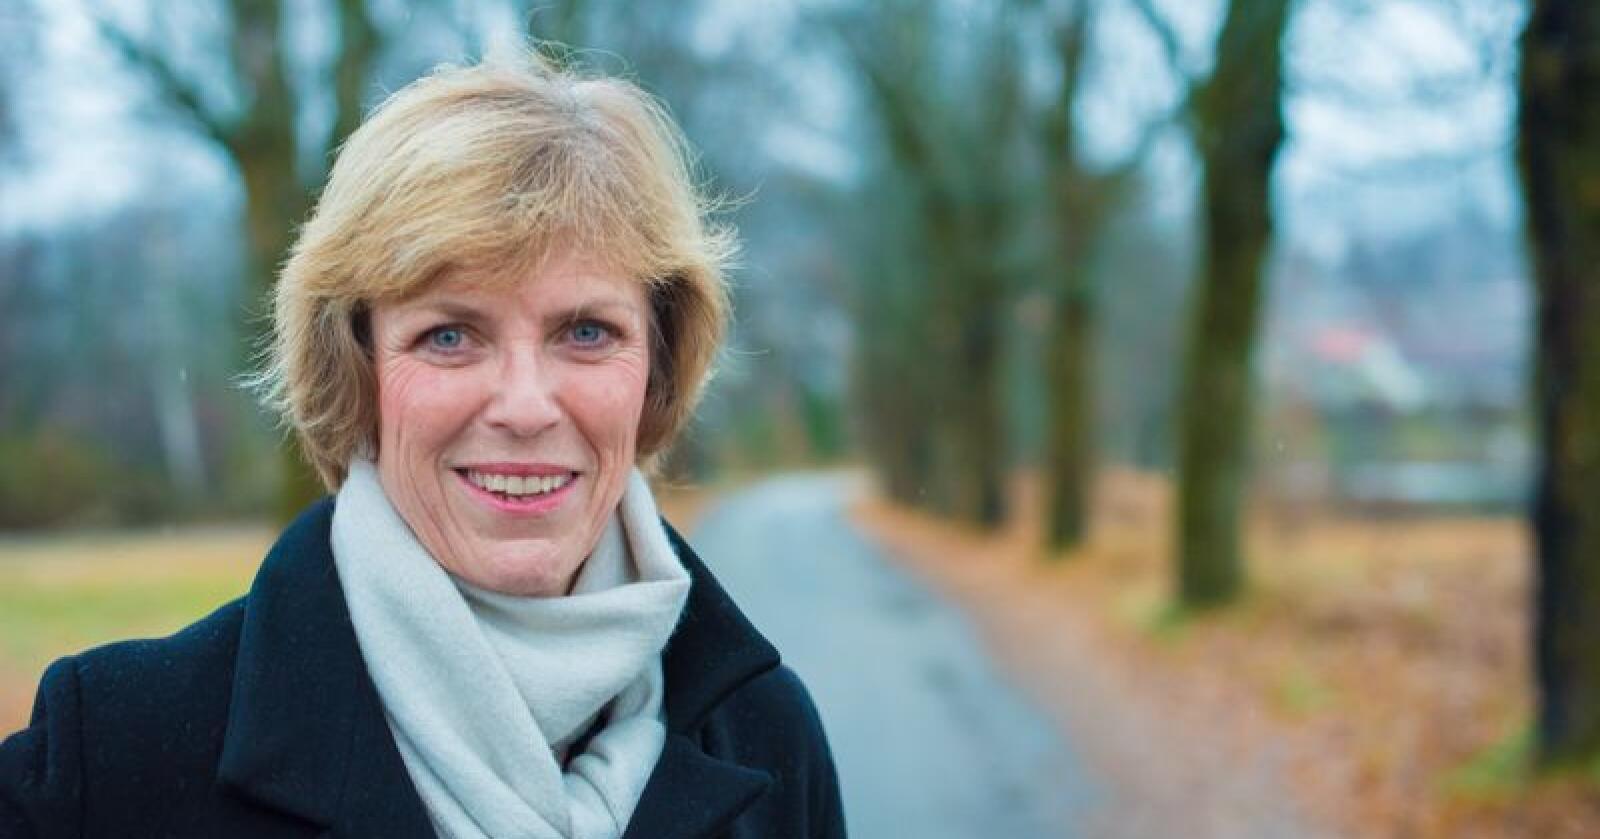 Ny styreleder: Det faktum at jeg ikke er potetprodusent, men likevel er valgt som styreleder for Hoff SA ser jeg på som en tillitserklæring», sier Hanne Refsholt. (Foto: Vidar Sandnes)